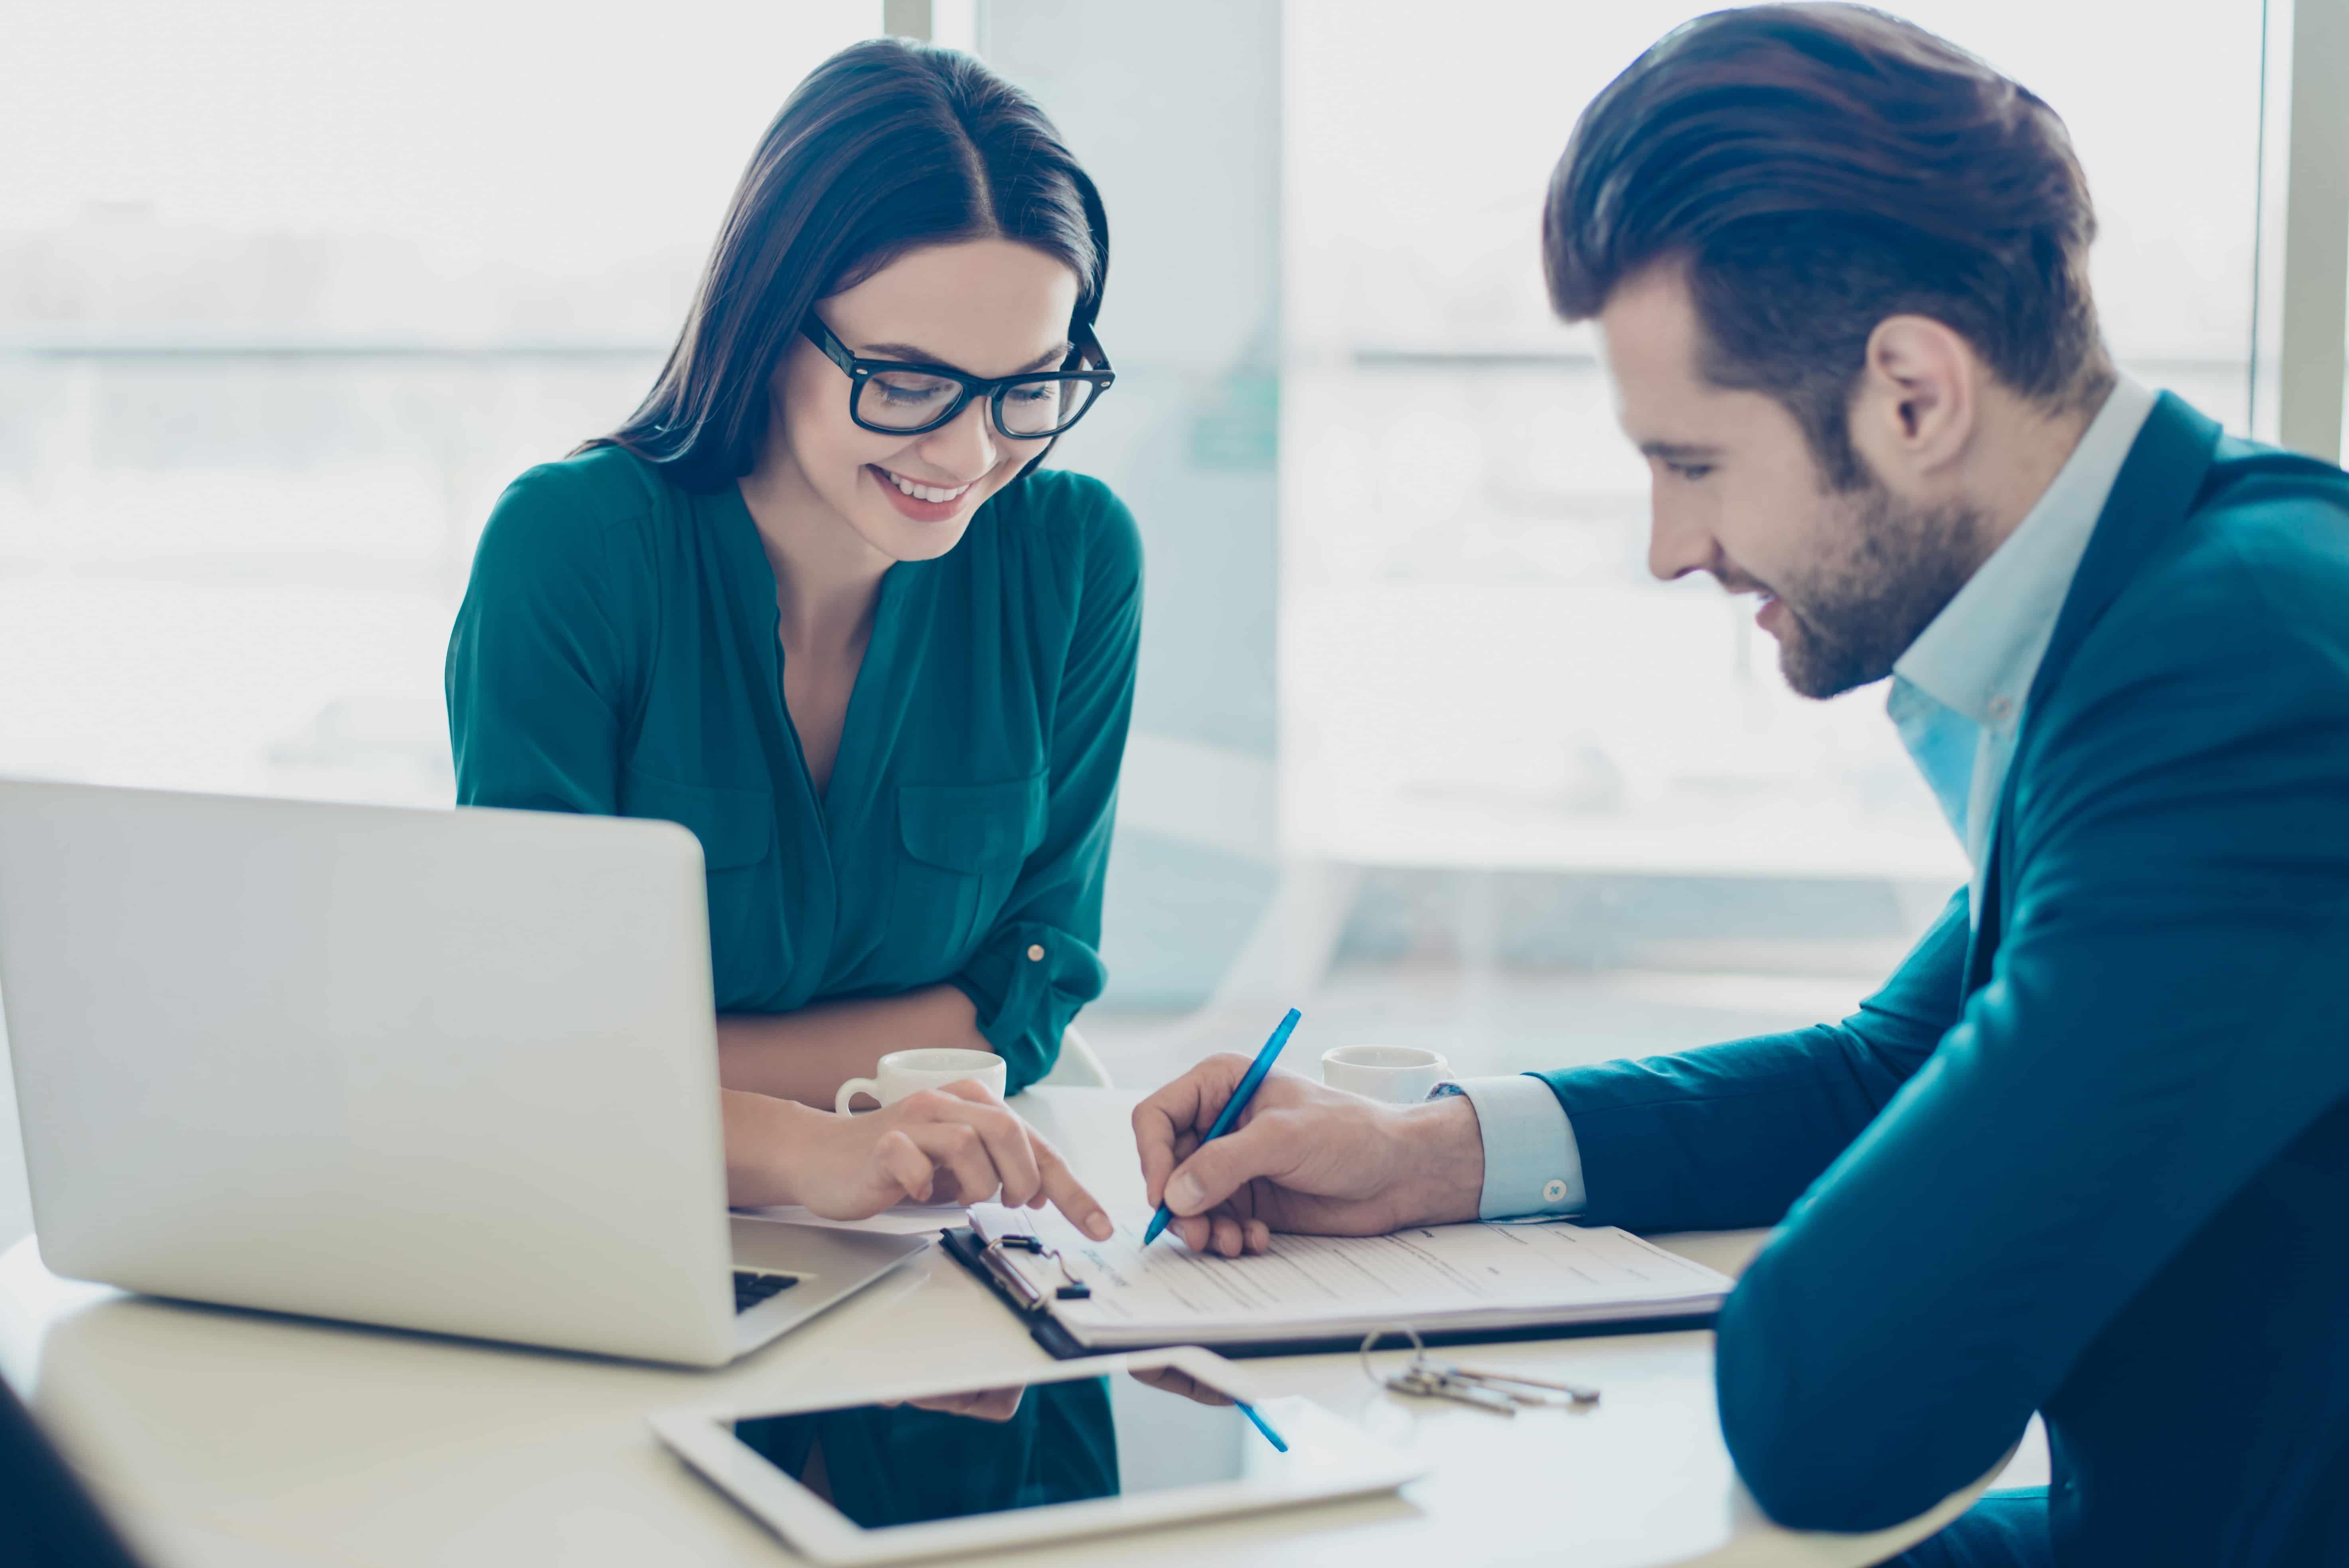 経営等に関する顧問契約書を締結する際のチェックポイント | モノリス ...